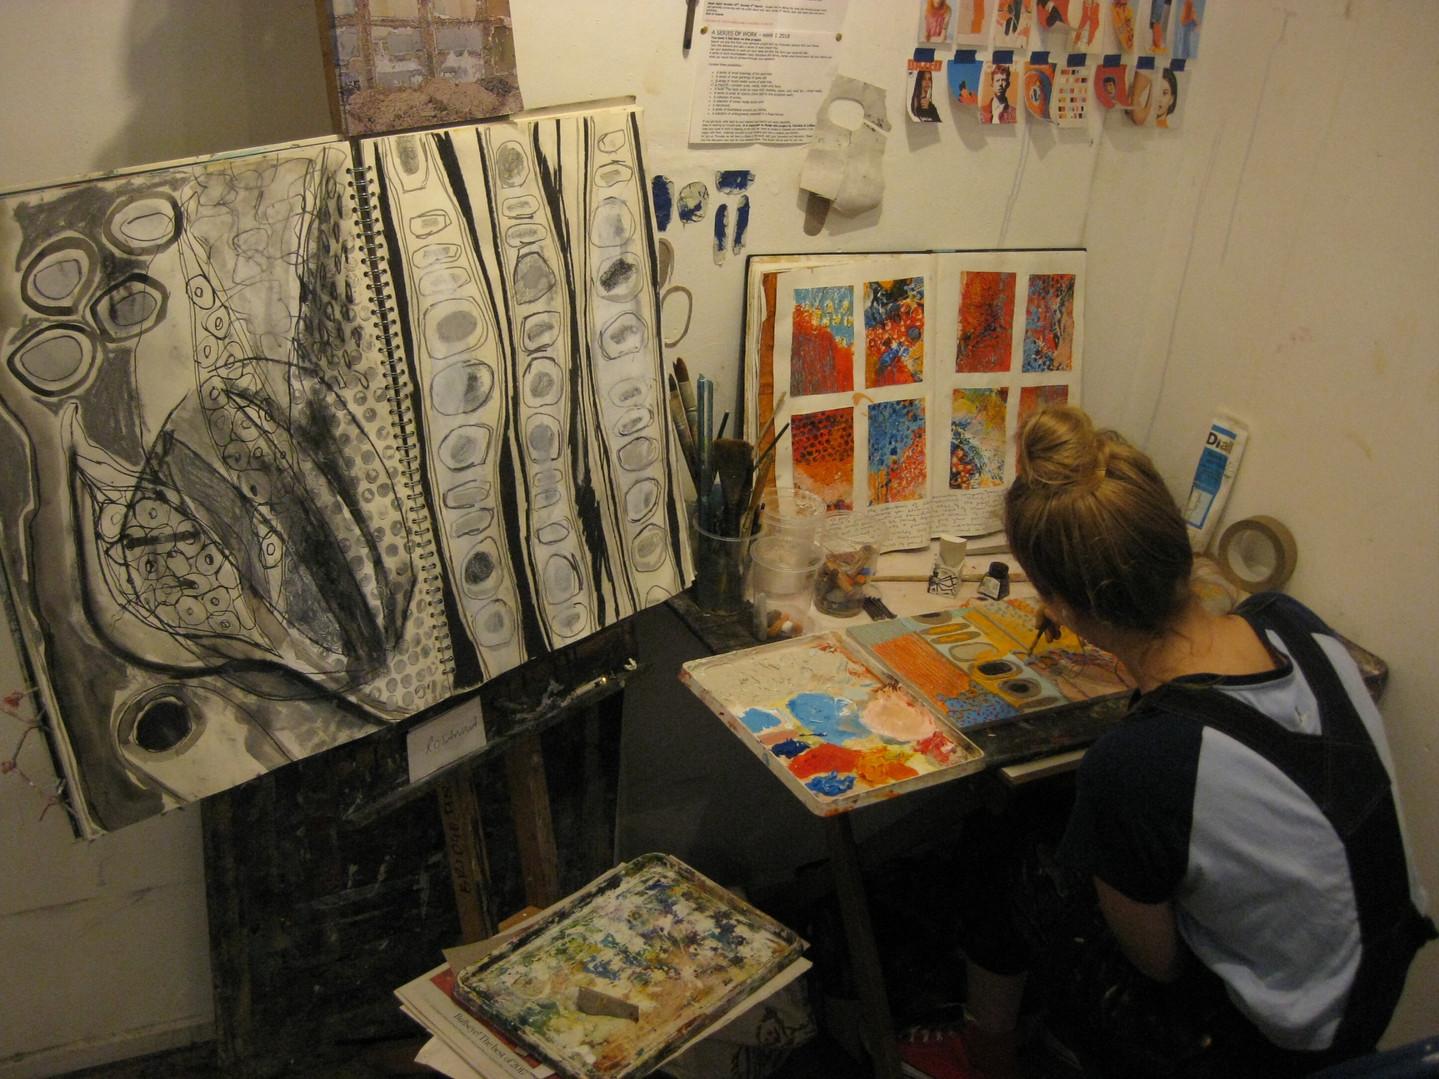 Student studio space